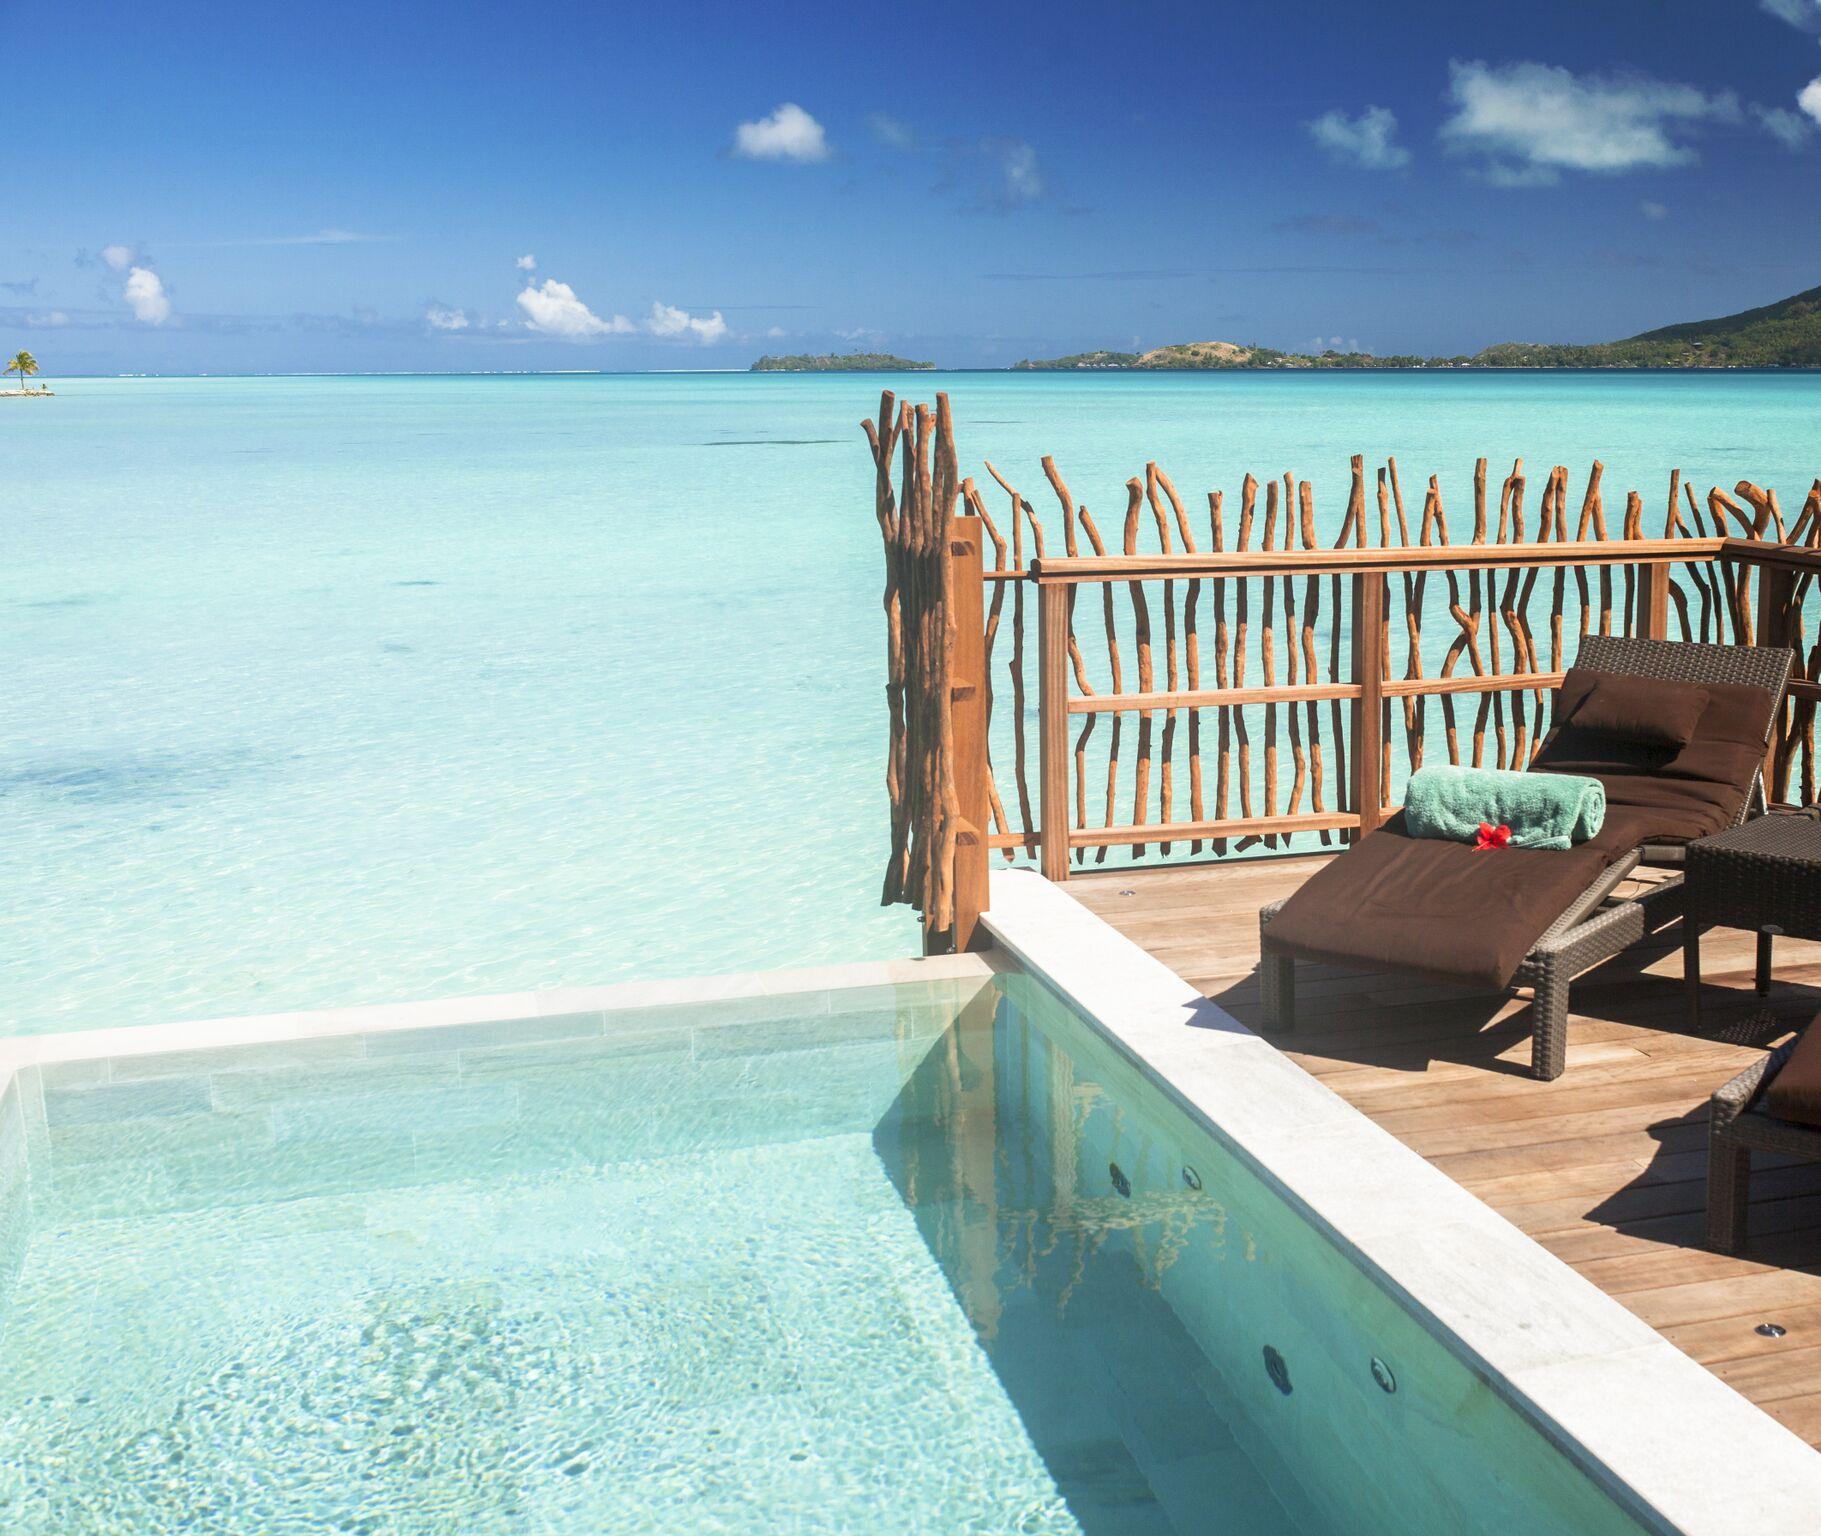 Thalasso Pool Premium Overwater Villa - Lua de Mel Bora Bora - Viagem Polinesia Francesa - Hotel 5 estrelas Bora Bora - Bangalô sobre as águas com Piscina Particular Bora Bora